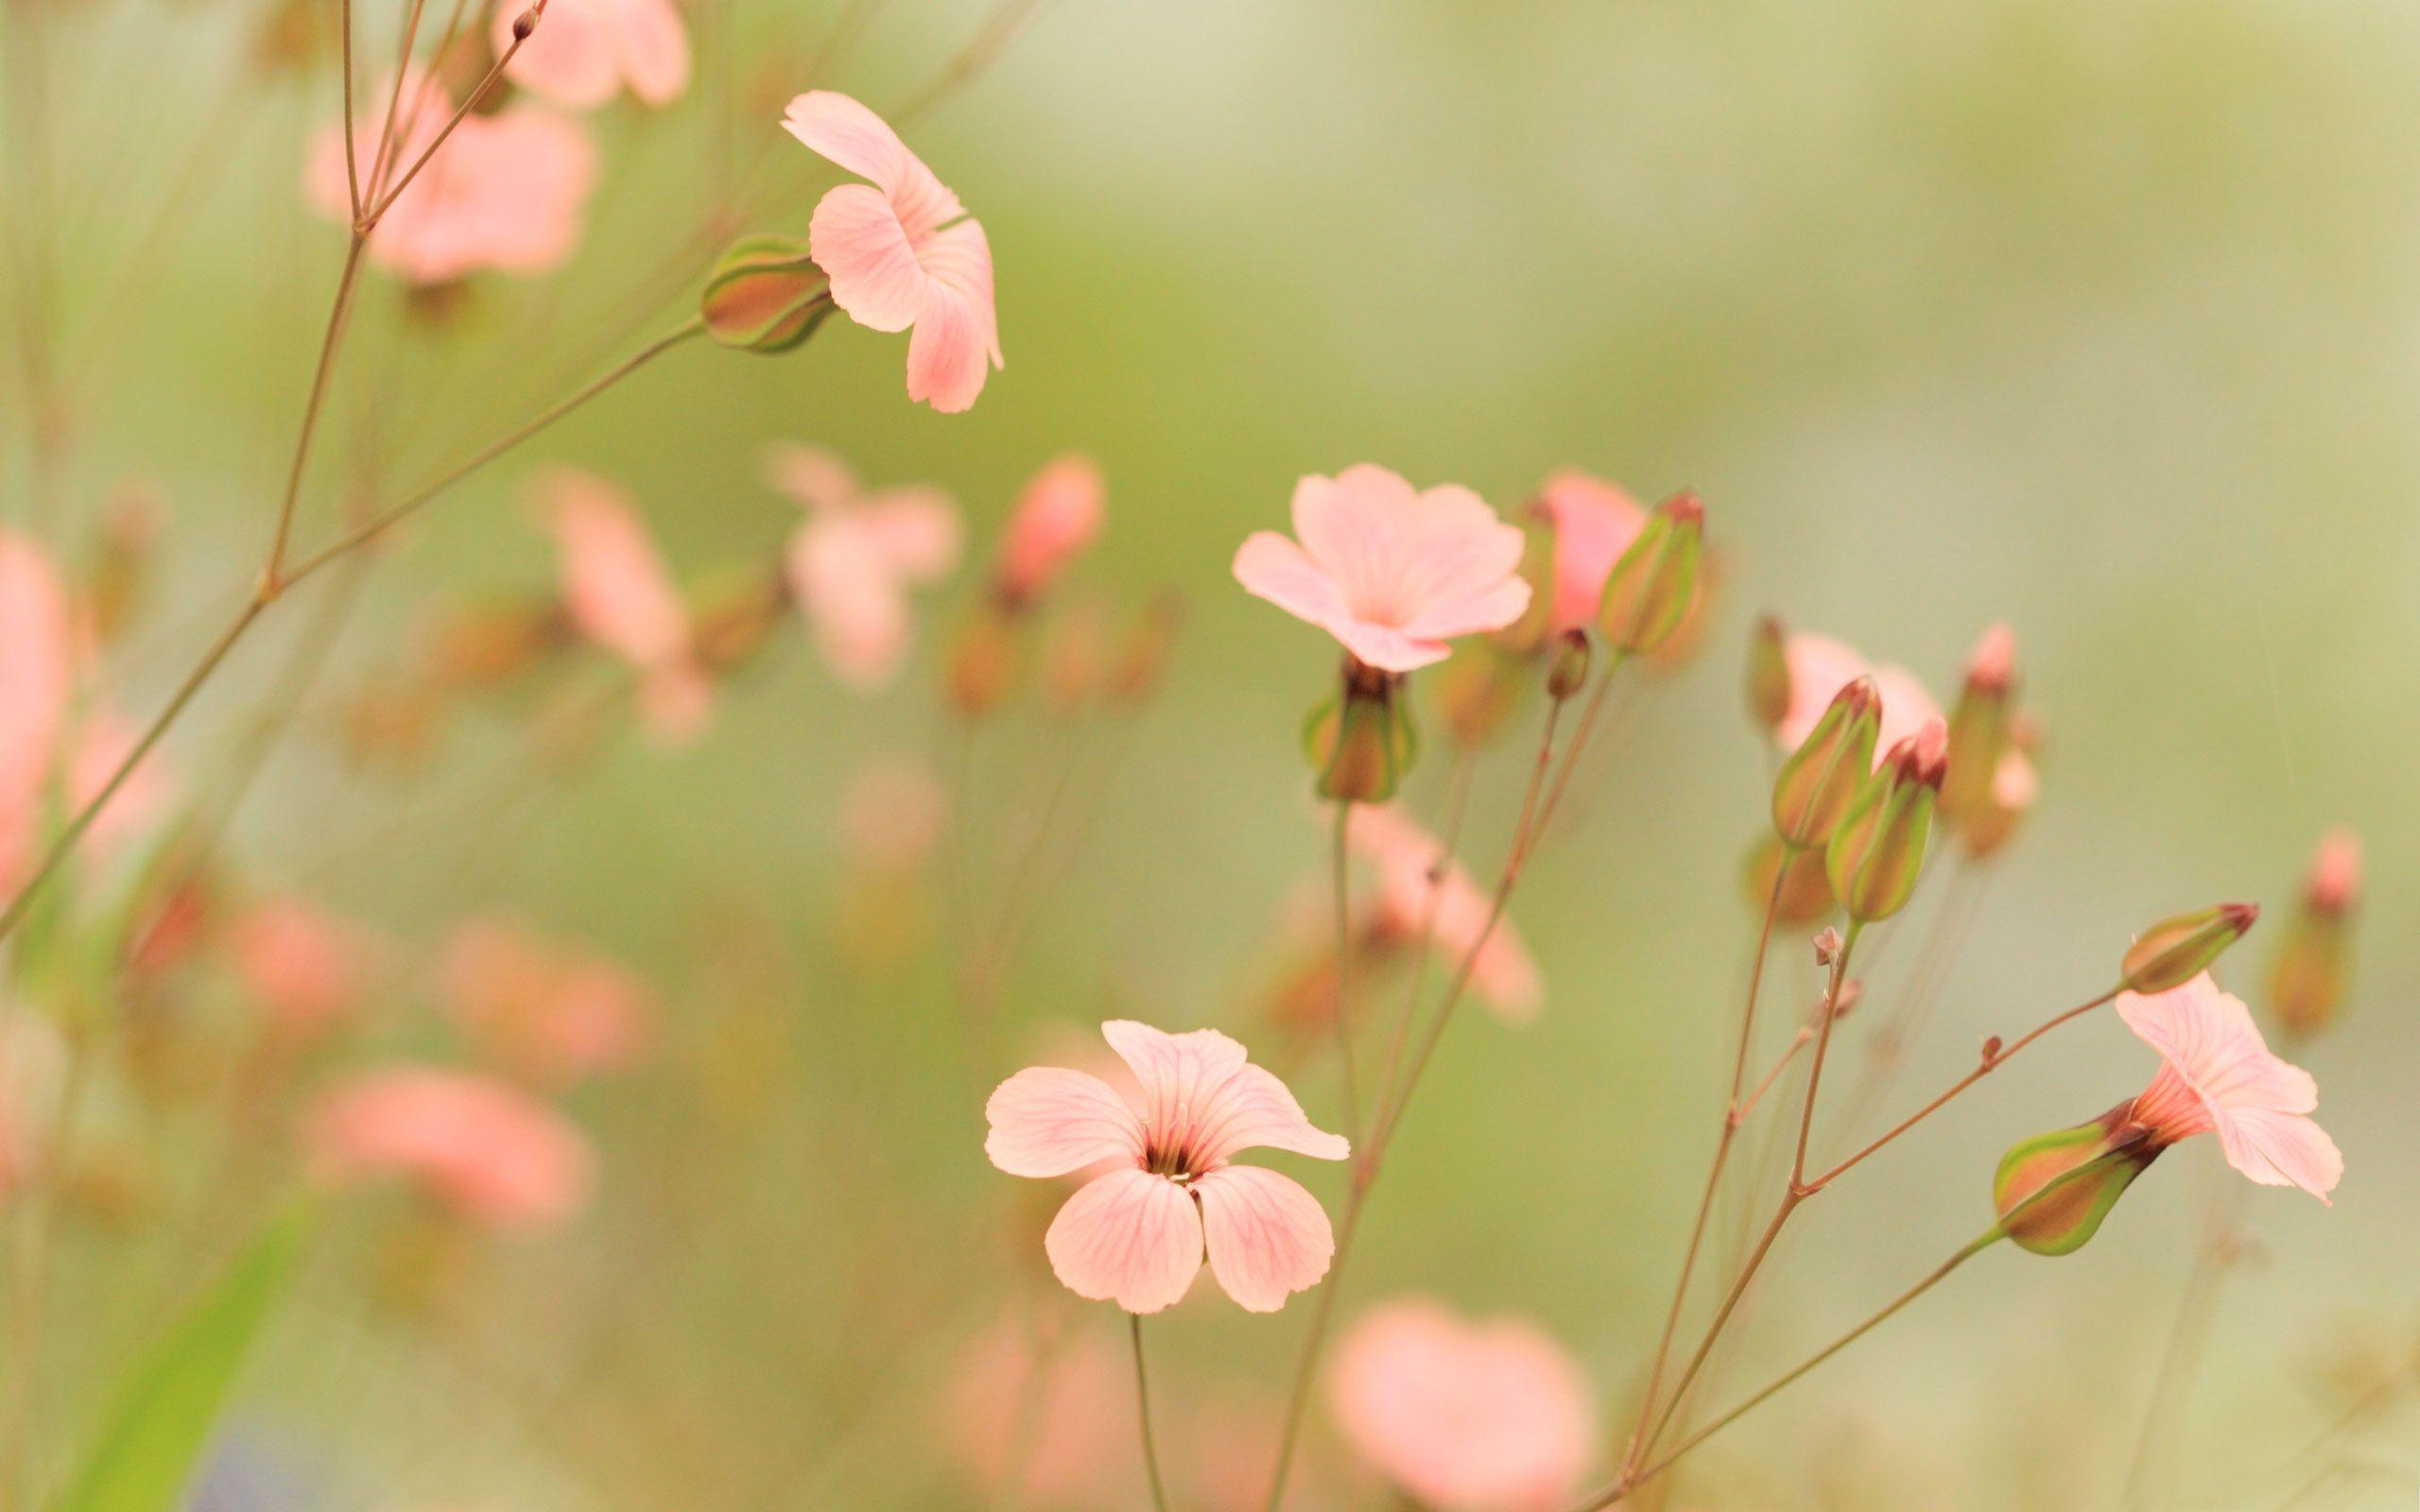 Summer Flowers Wallpapers   Summer Flowers Desktop Background 2560x1600